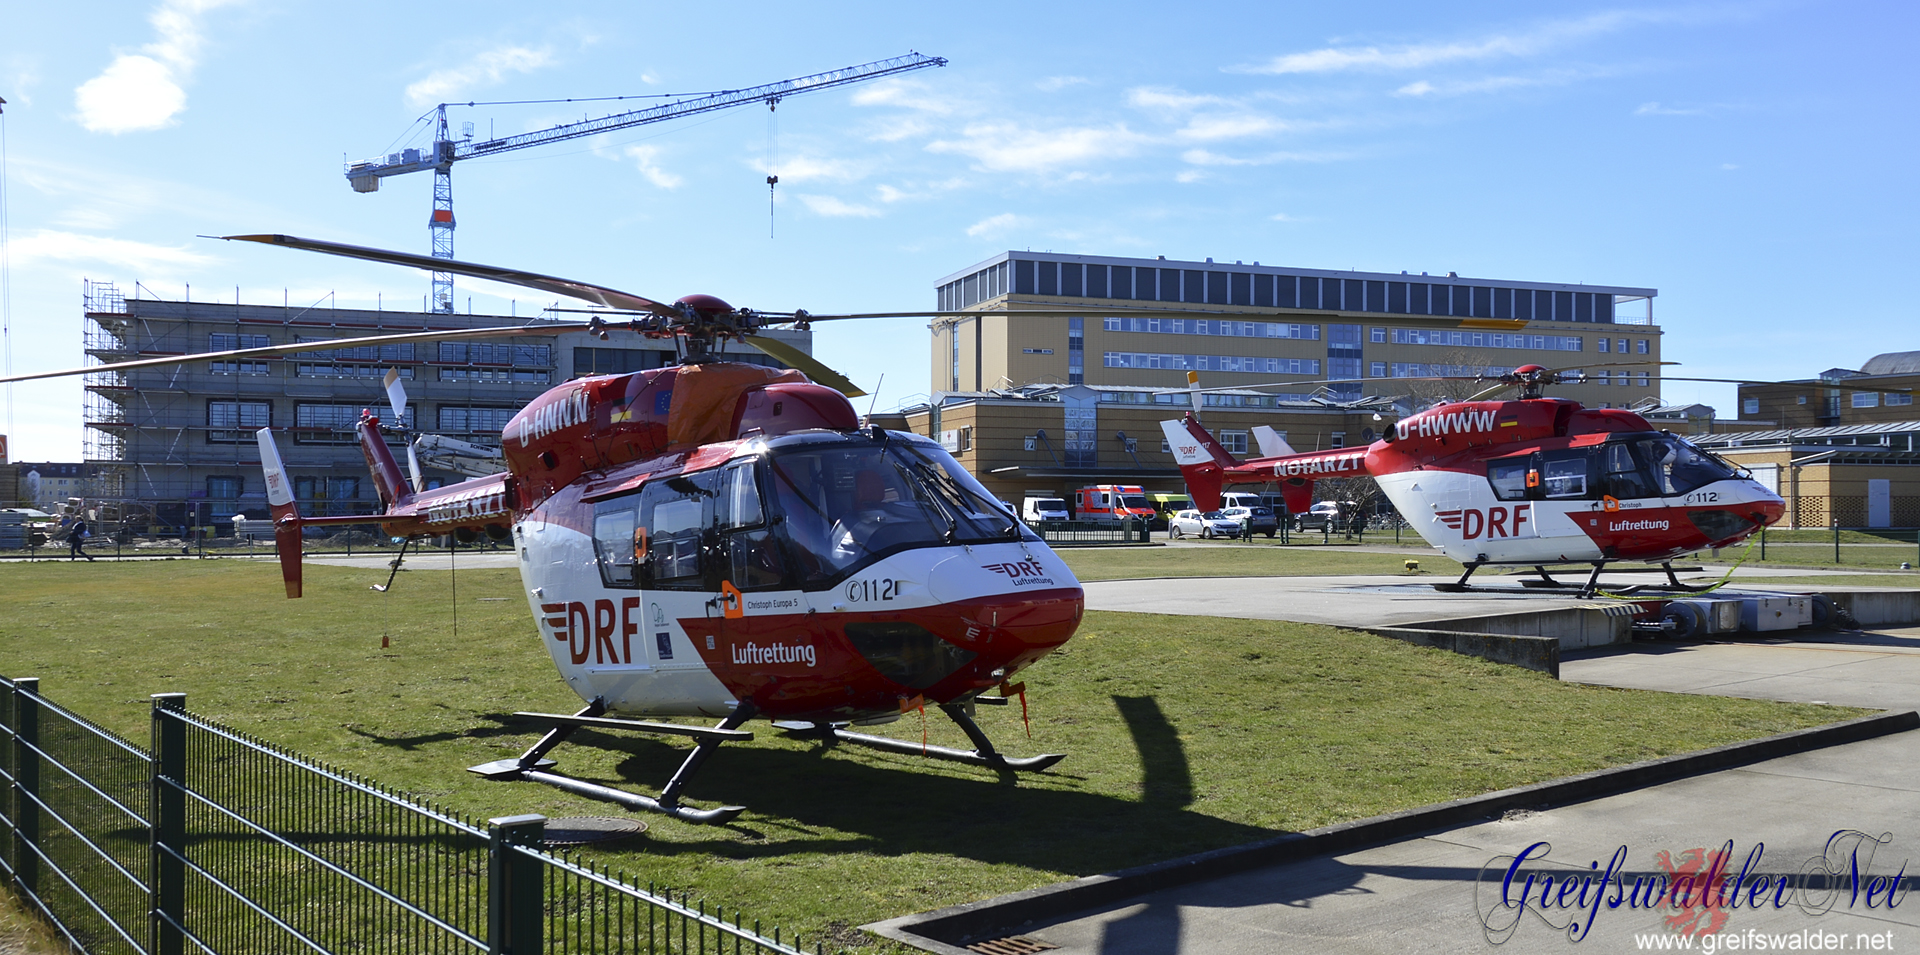 Rettungshubschrauber in Greifswald